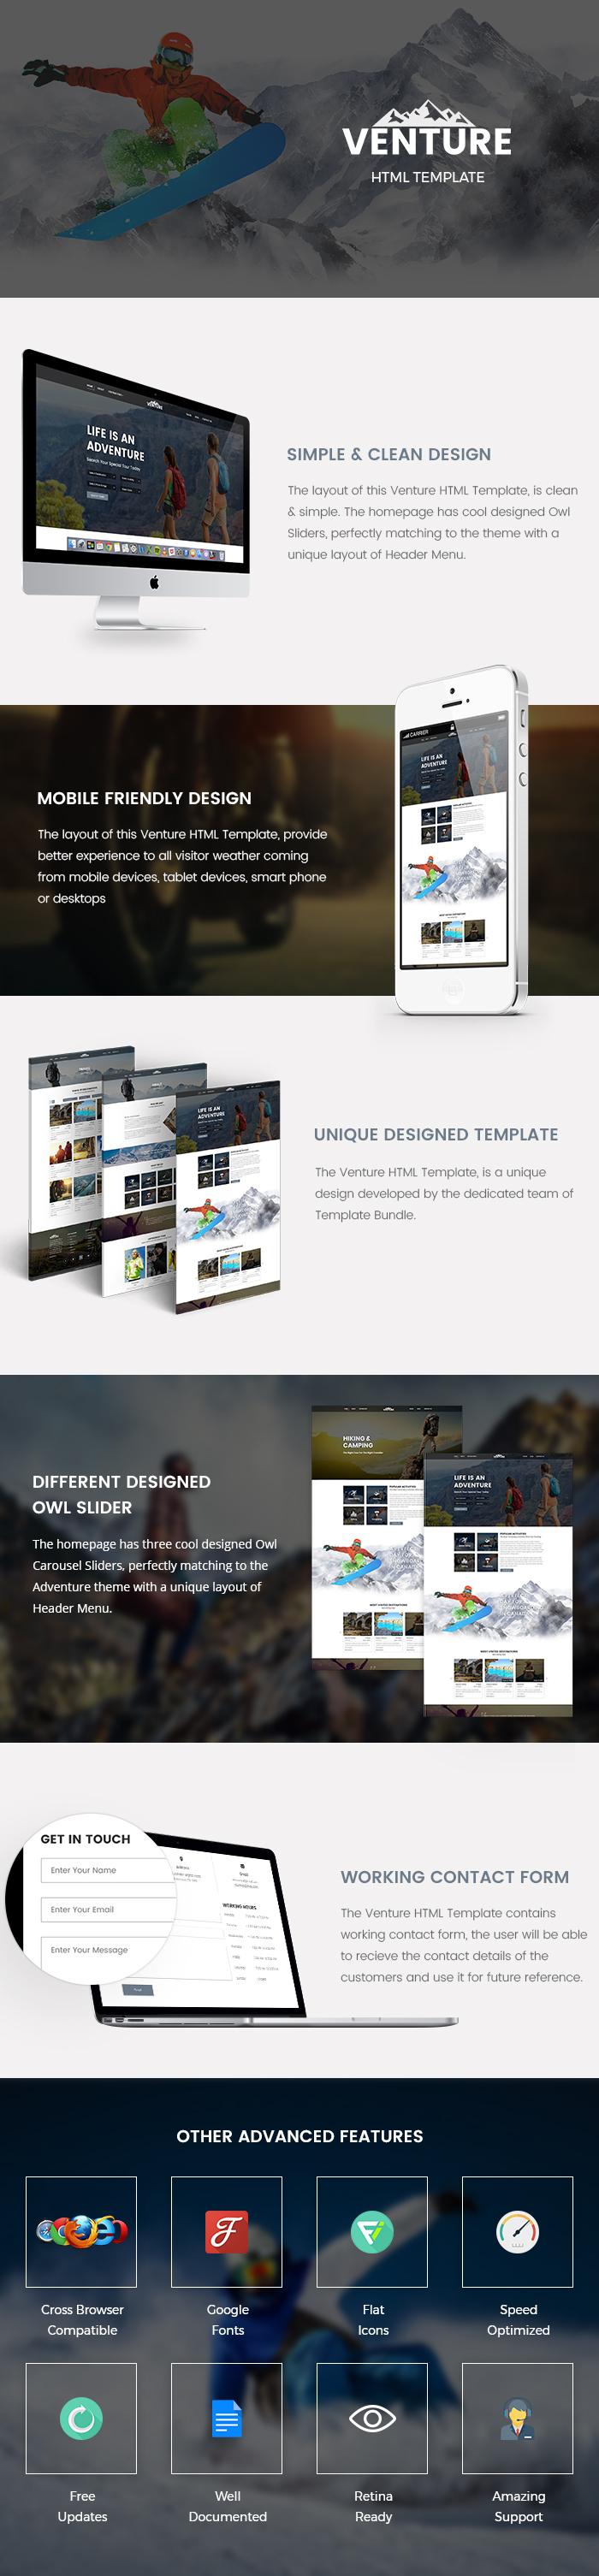 Adventure html template Template Bundle | Premium HTML Template ...